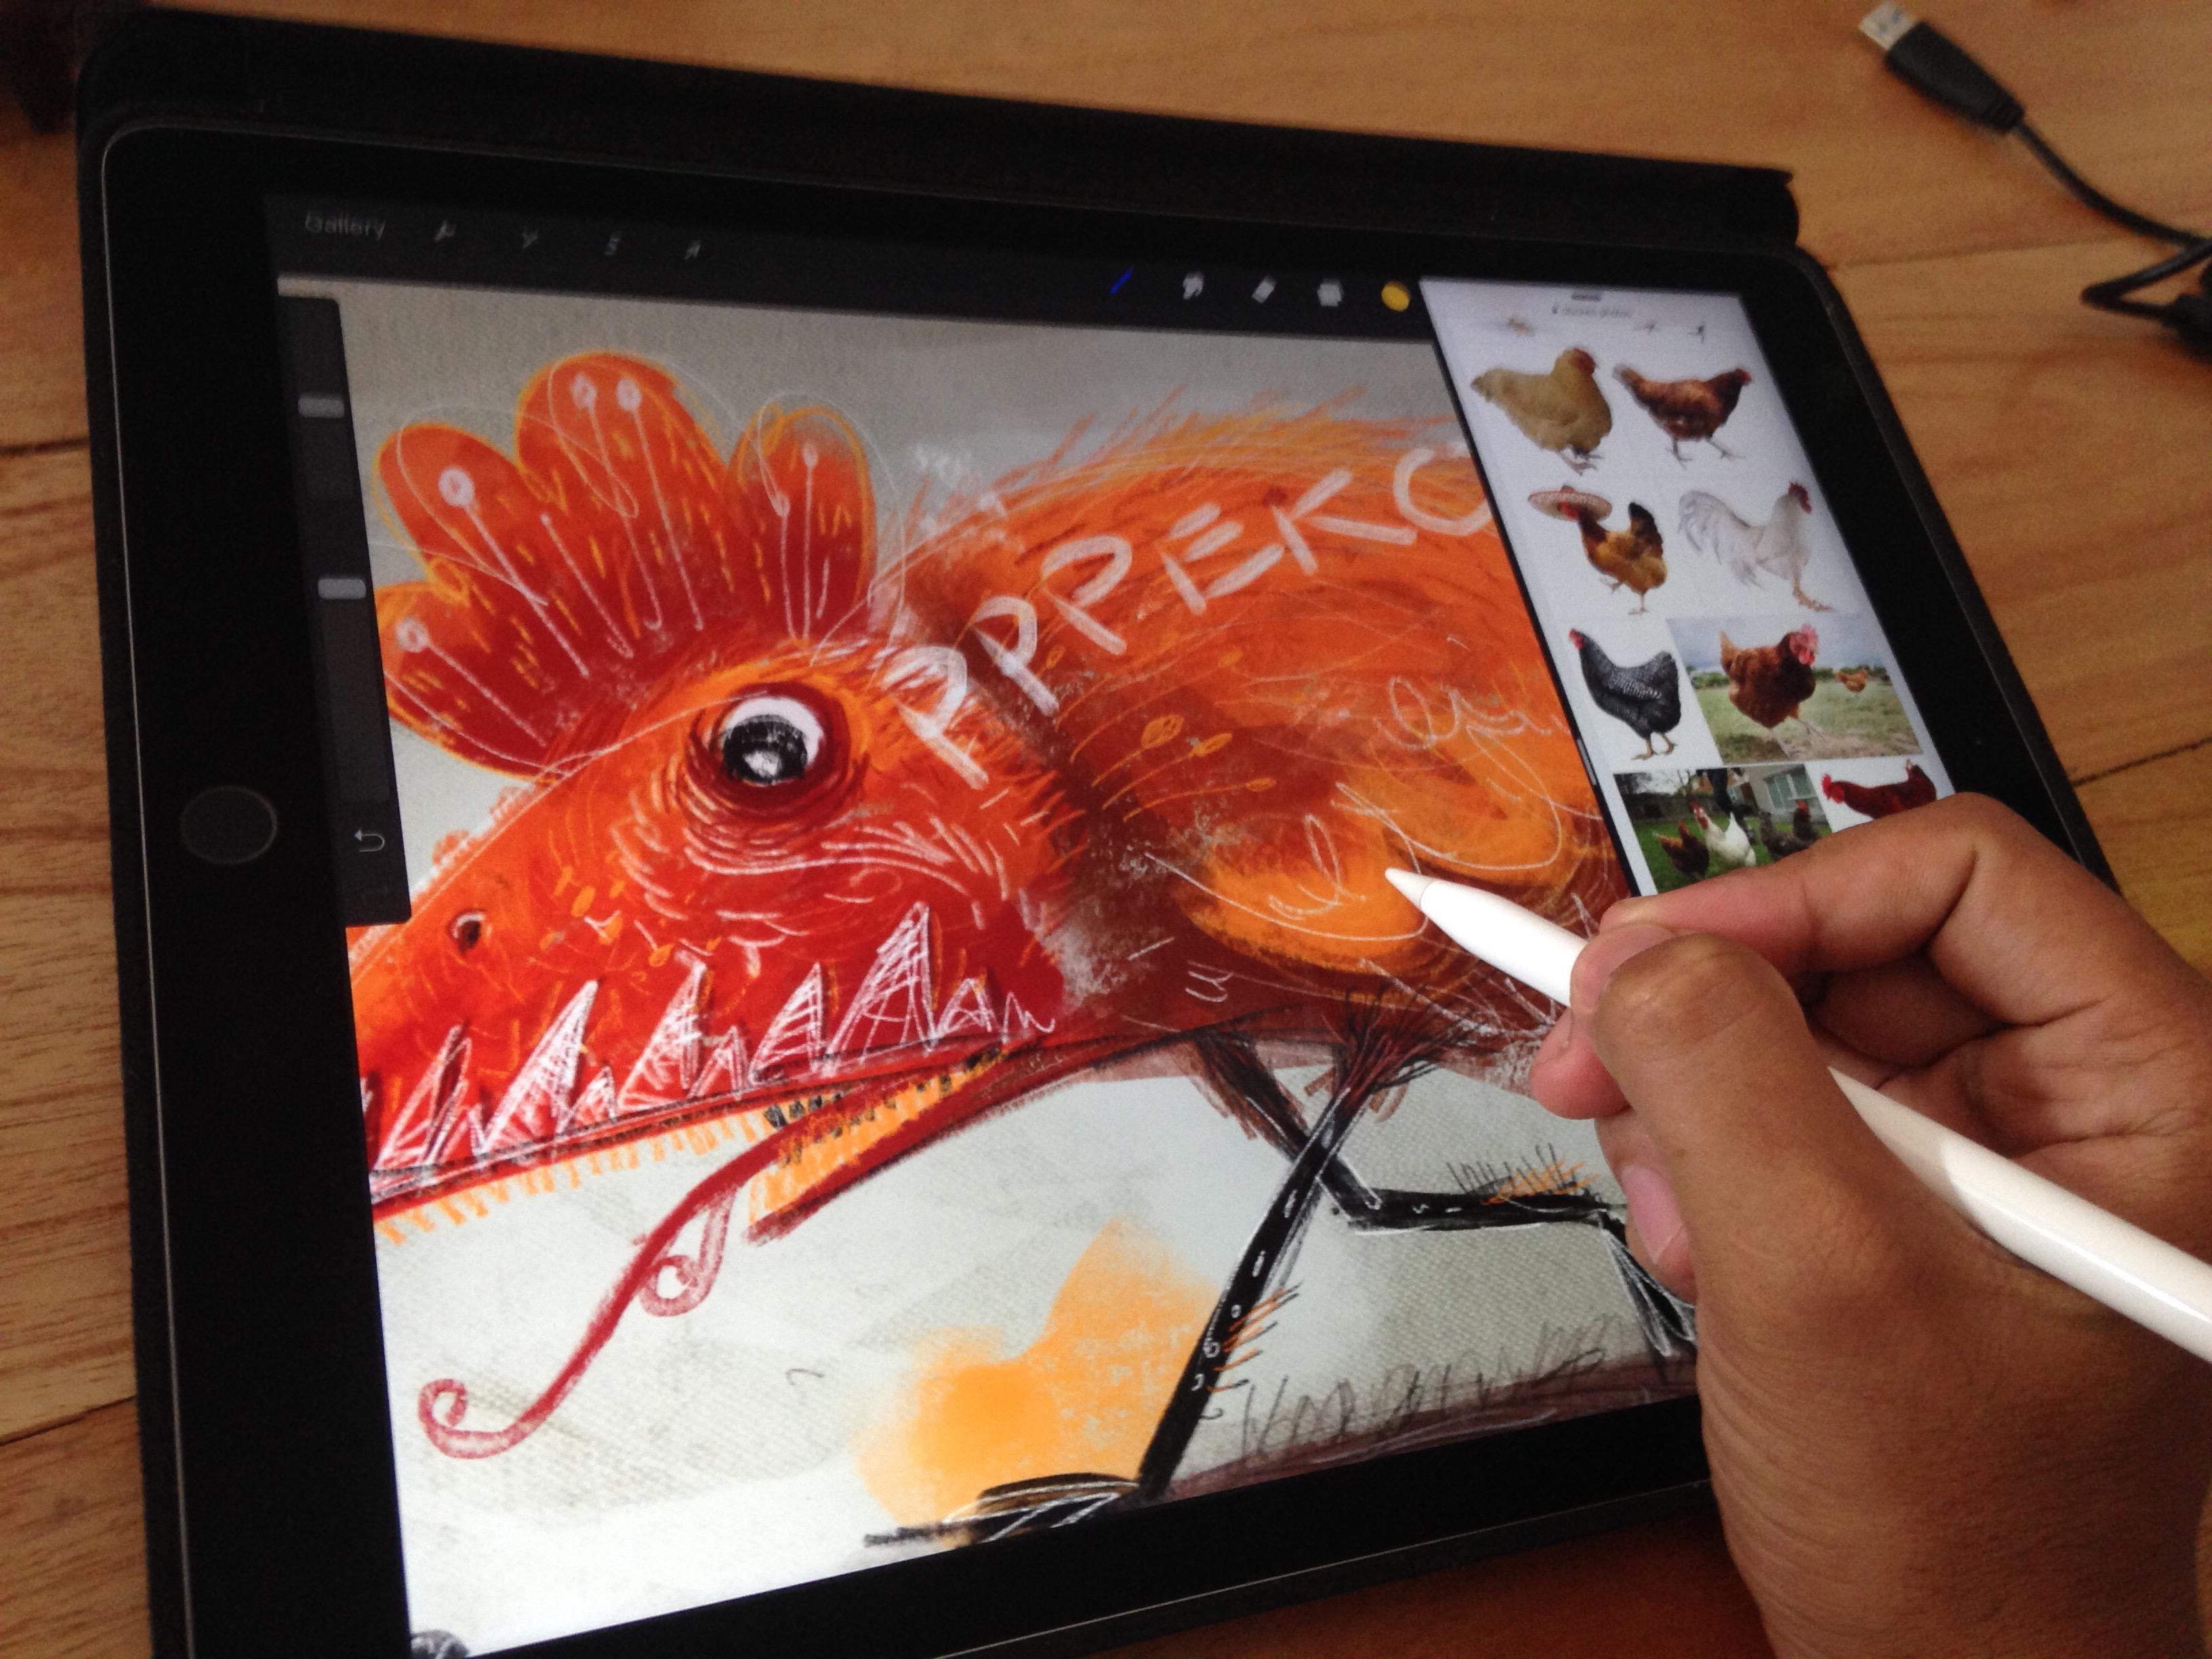 Menggambar bisa sambil buka refrensi di safari.